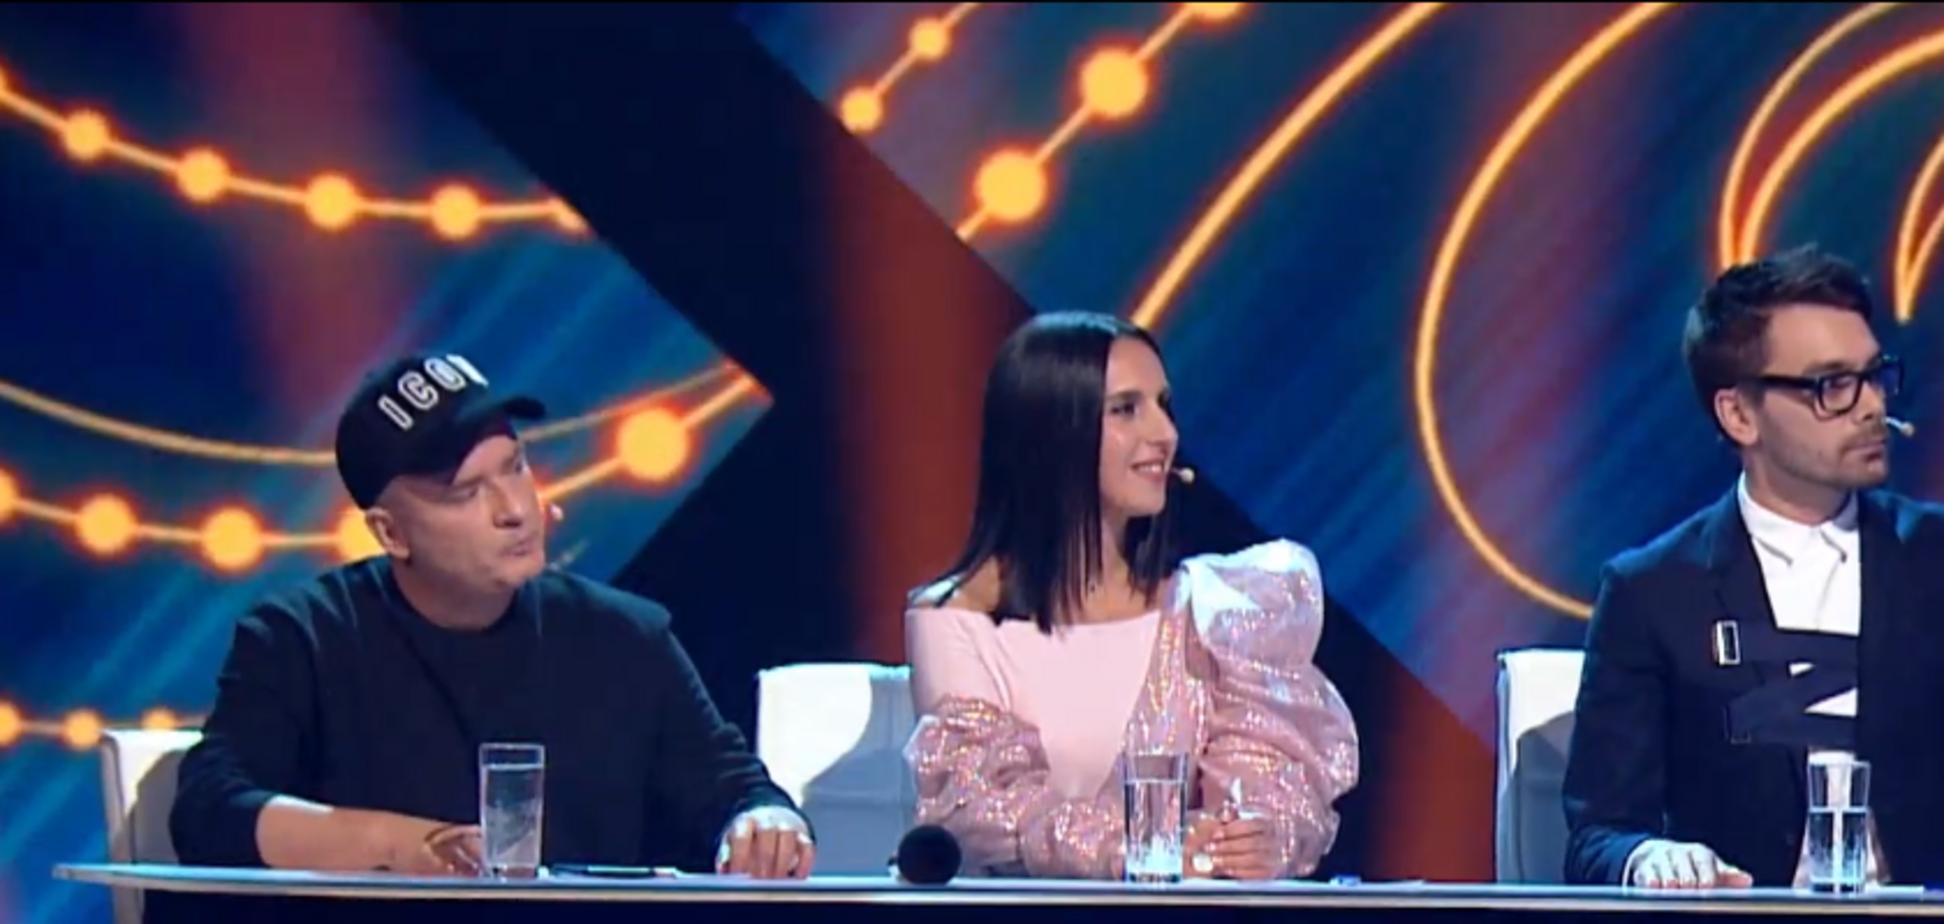 'Думайте головой': судьи Нацотбора на Евровидение высказались о скандале с ANNA MARIA